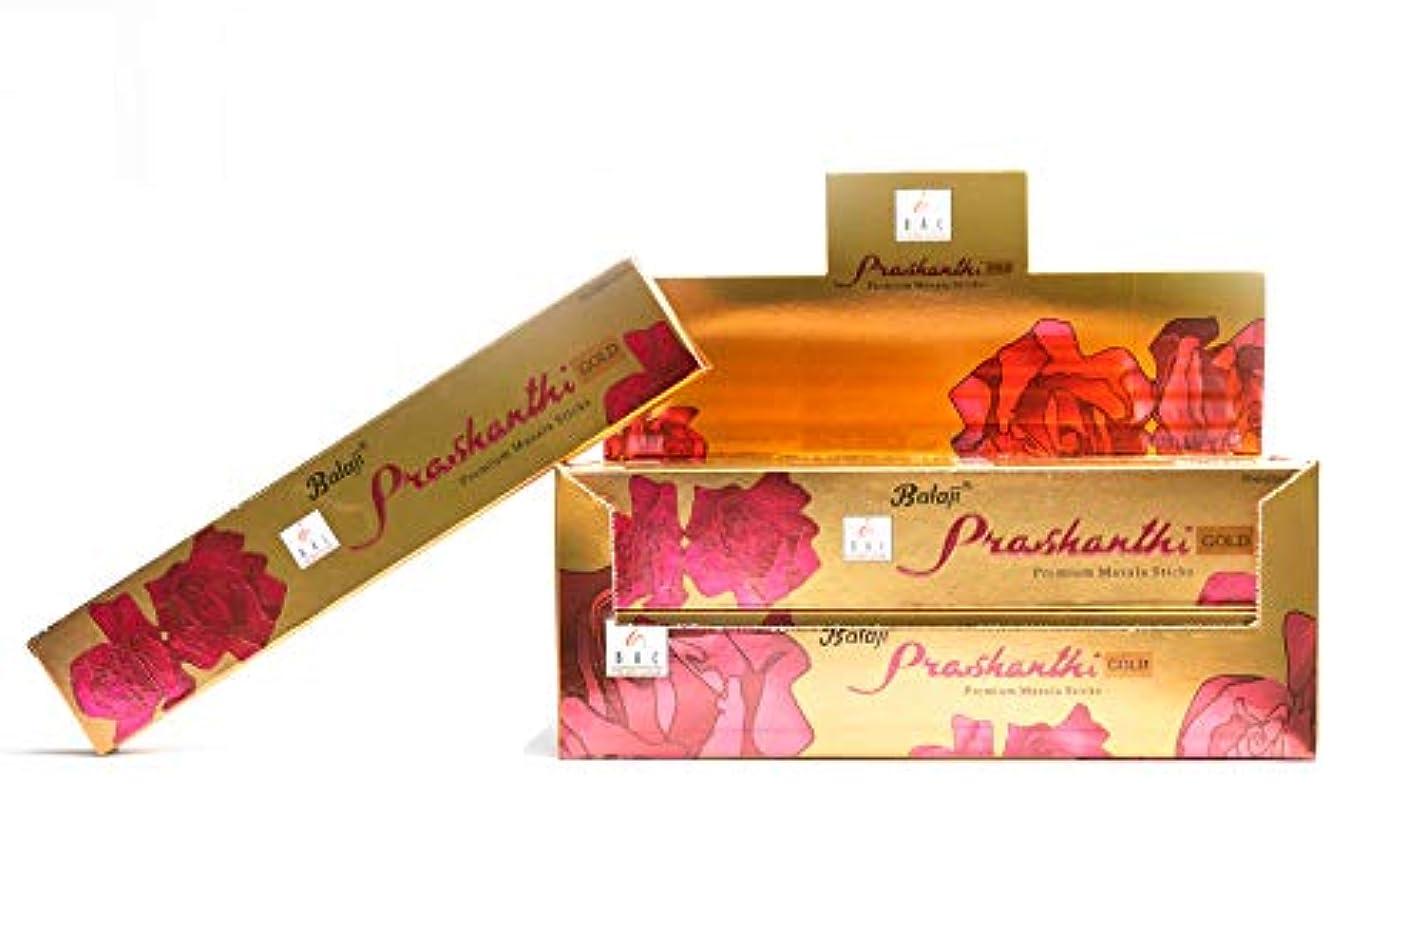 アーサーコナンドイル口径偽装するBalaji Prashanthi プレミアムマサラ お香スティック - 手巻き アガーバス インド製 15gms x 12本パック